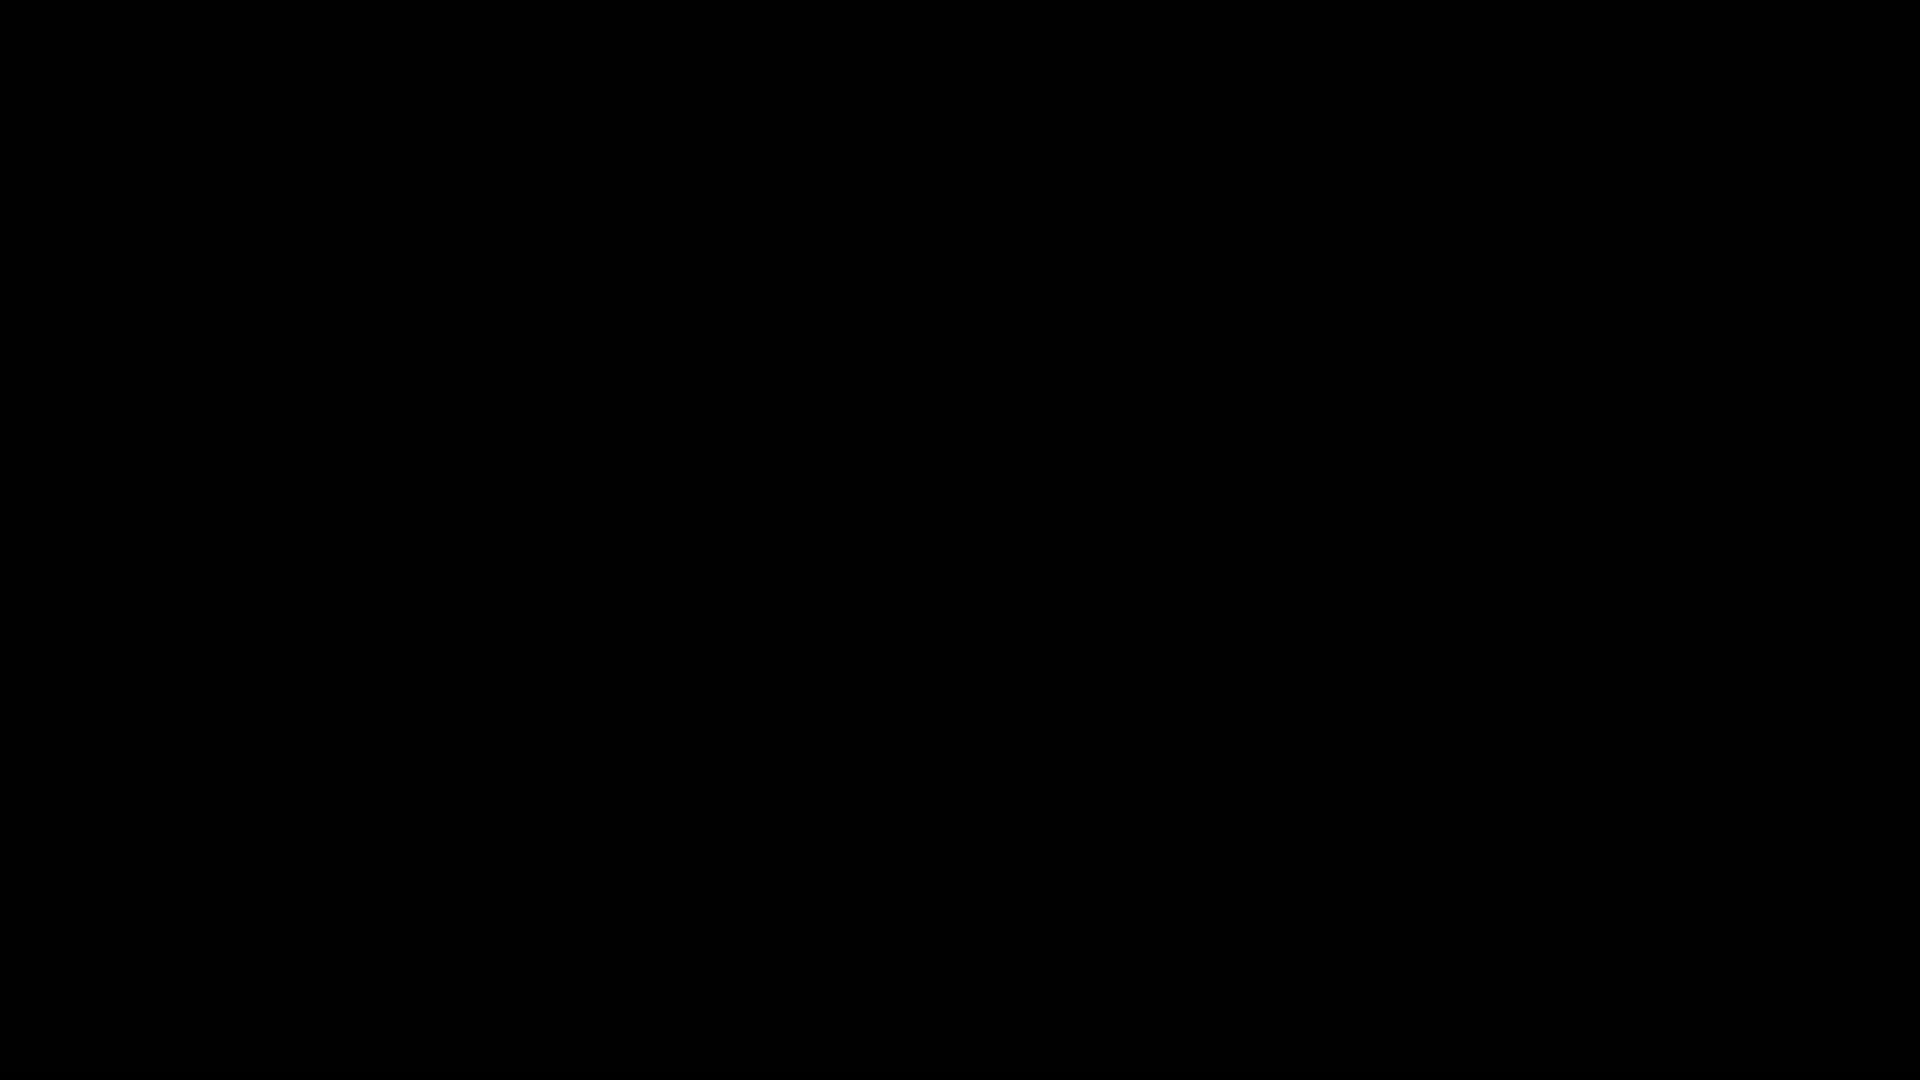 まんこ屋~全てを包み込む絶品名器~ - 浅野唯【フェラ クンニ 正常位 側位 立ちバック 騎乗後背位 中出し】